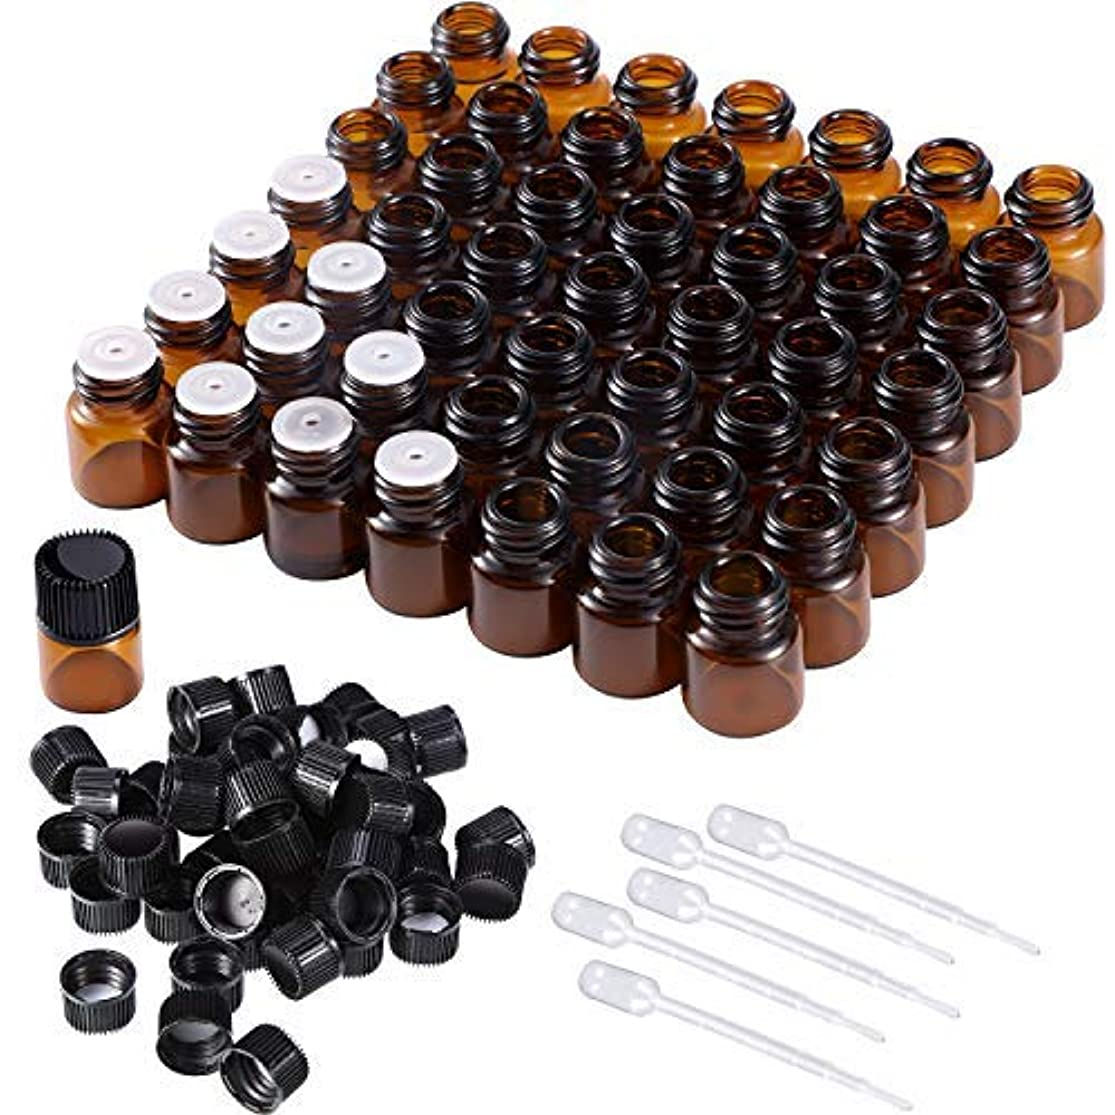 を除く誰でも戦士50 Pieces 1 ml Mini Amber Glass Vial Bottles Essential Oil Bottles with Orifice Reducers Screw Caps and 5 Pieces...